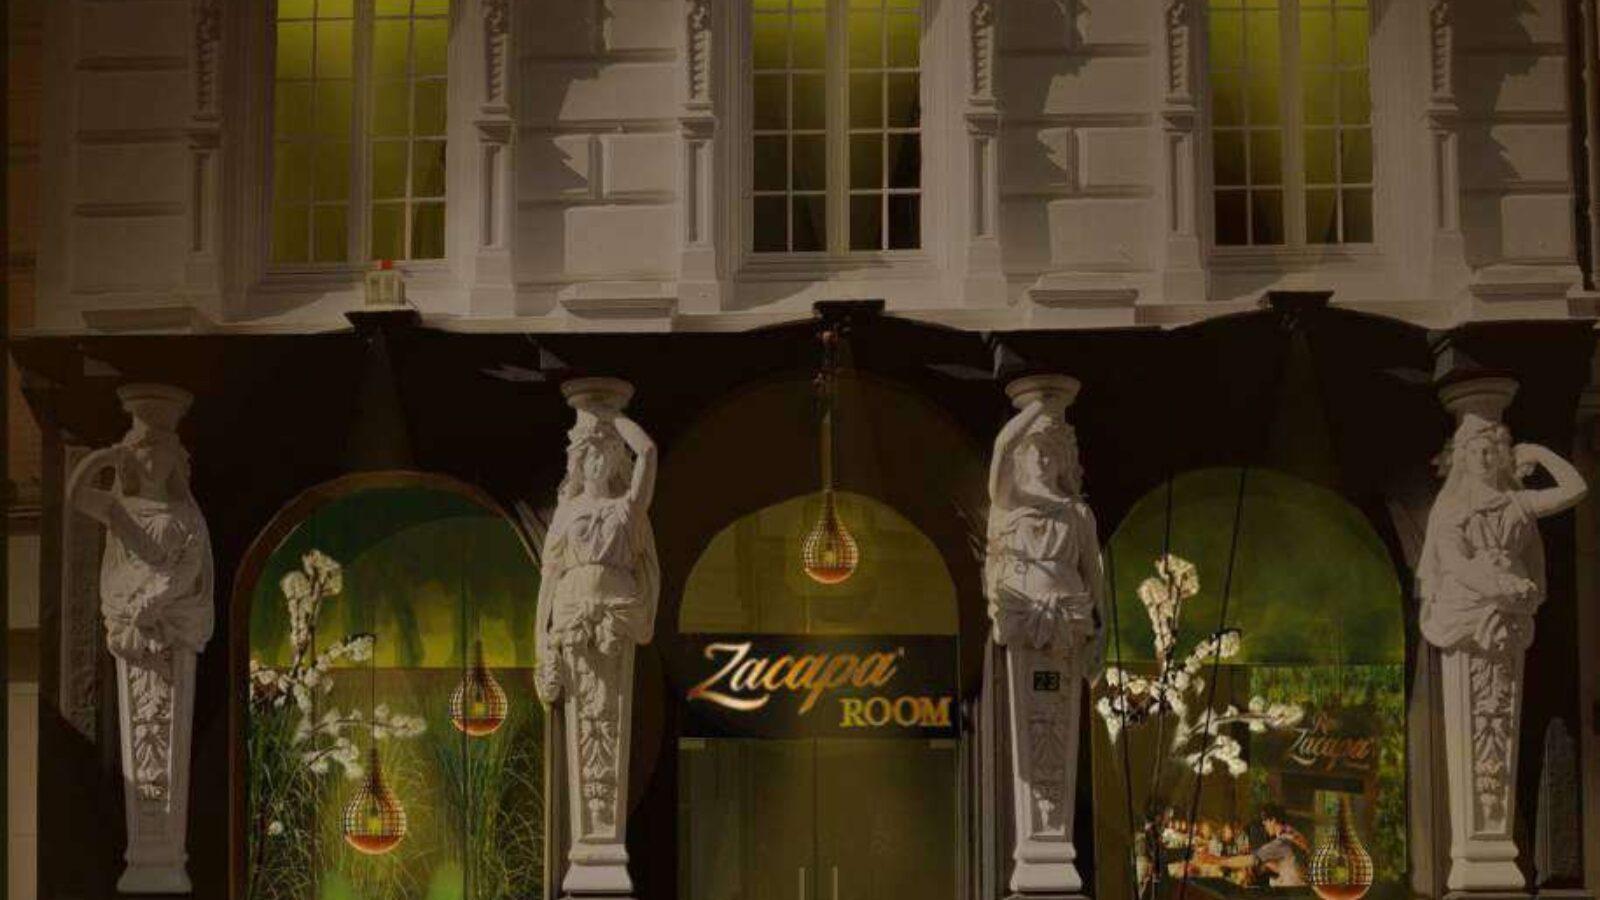 Zacapa-ROOM_HH_Aussenansicht